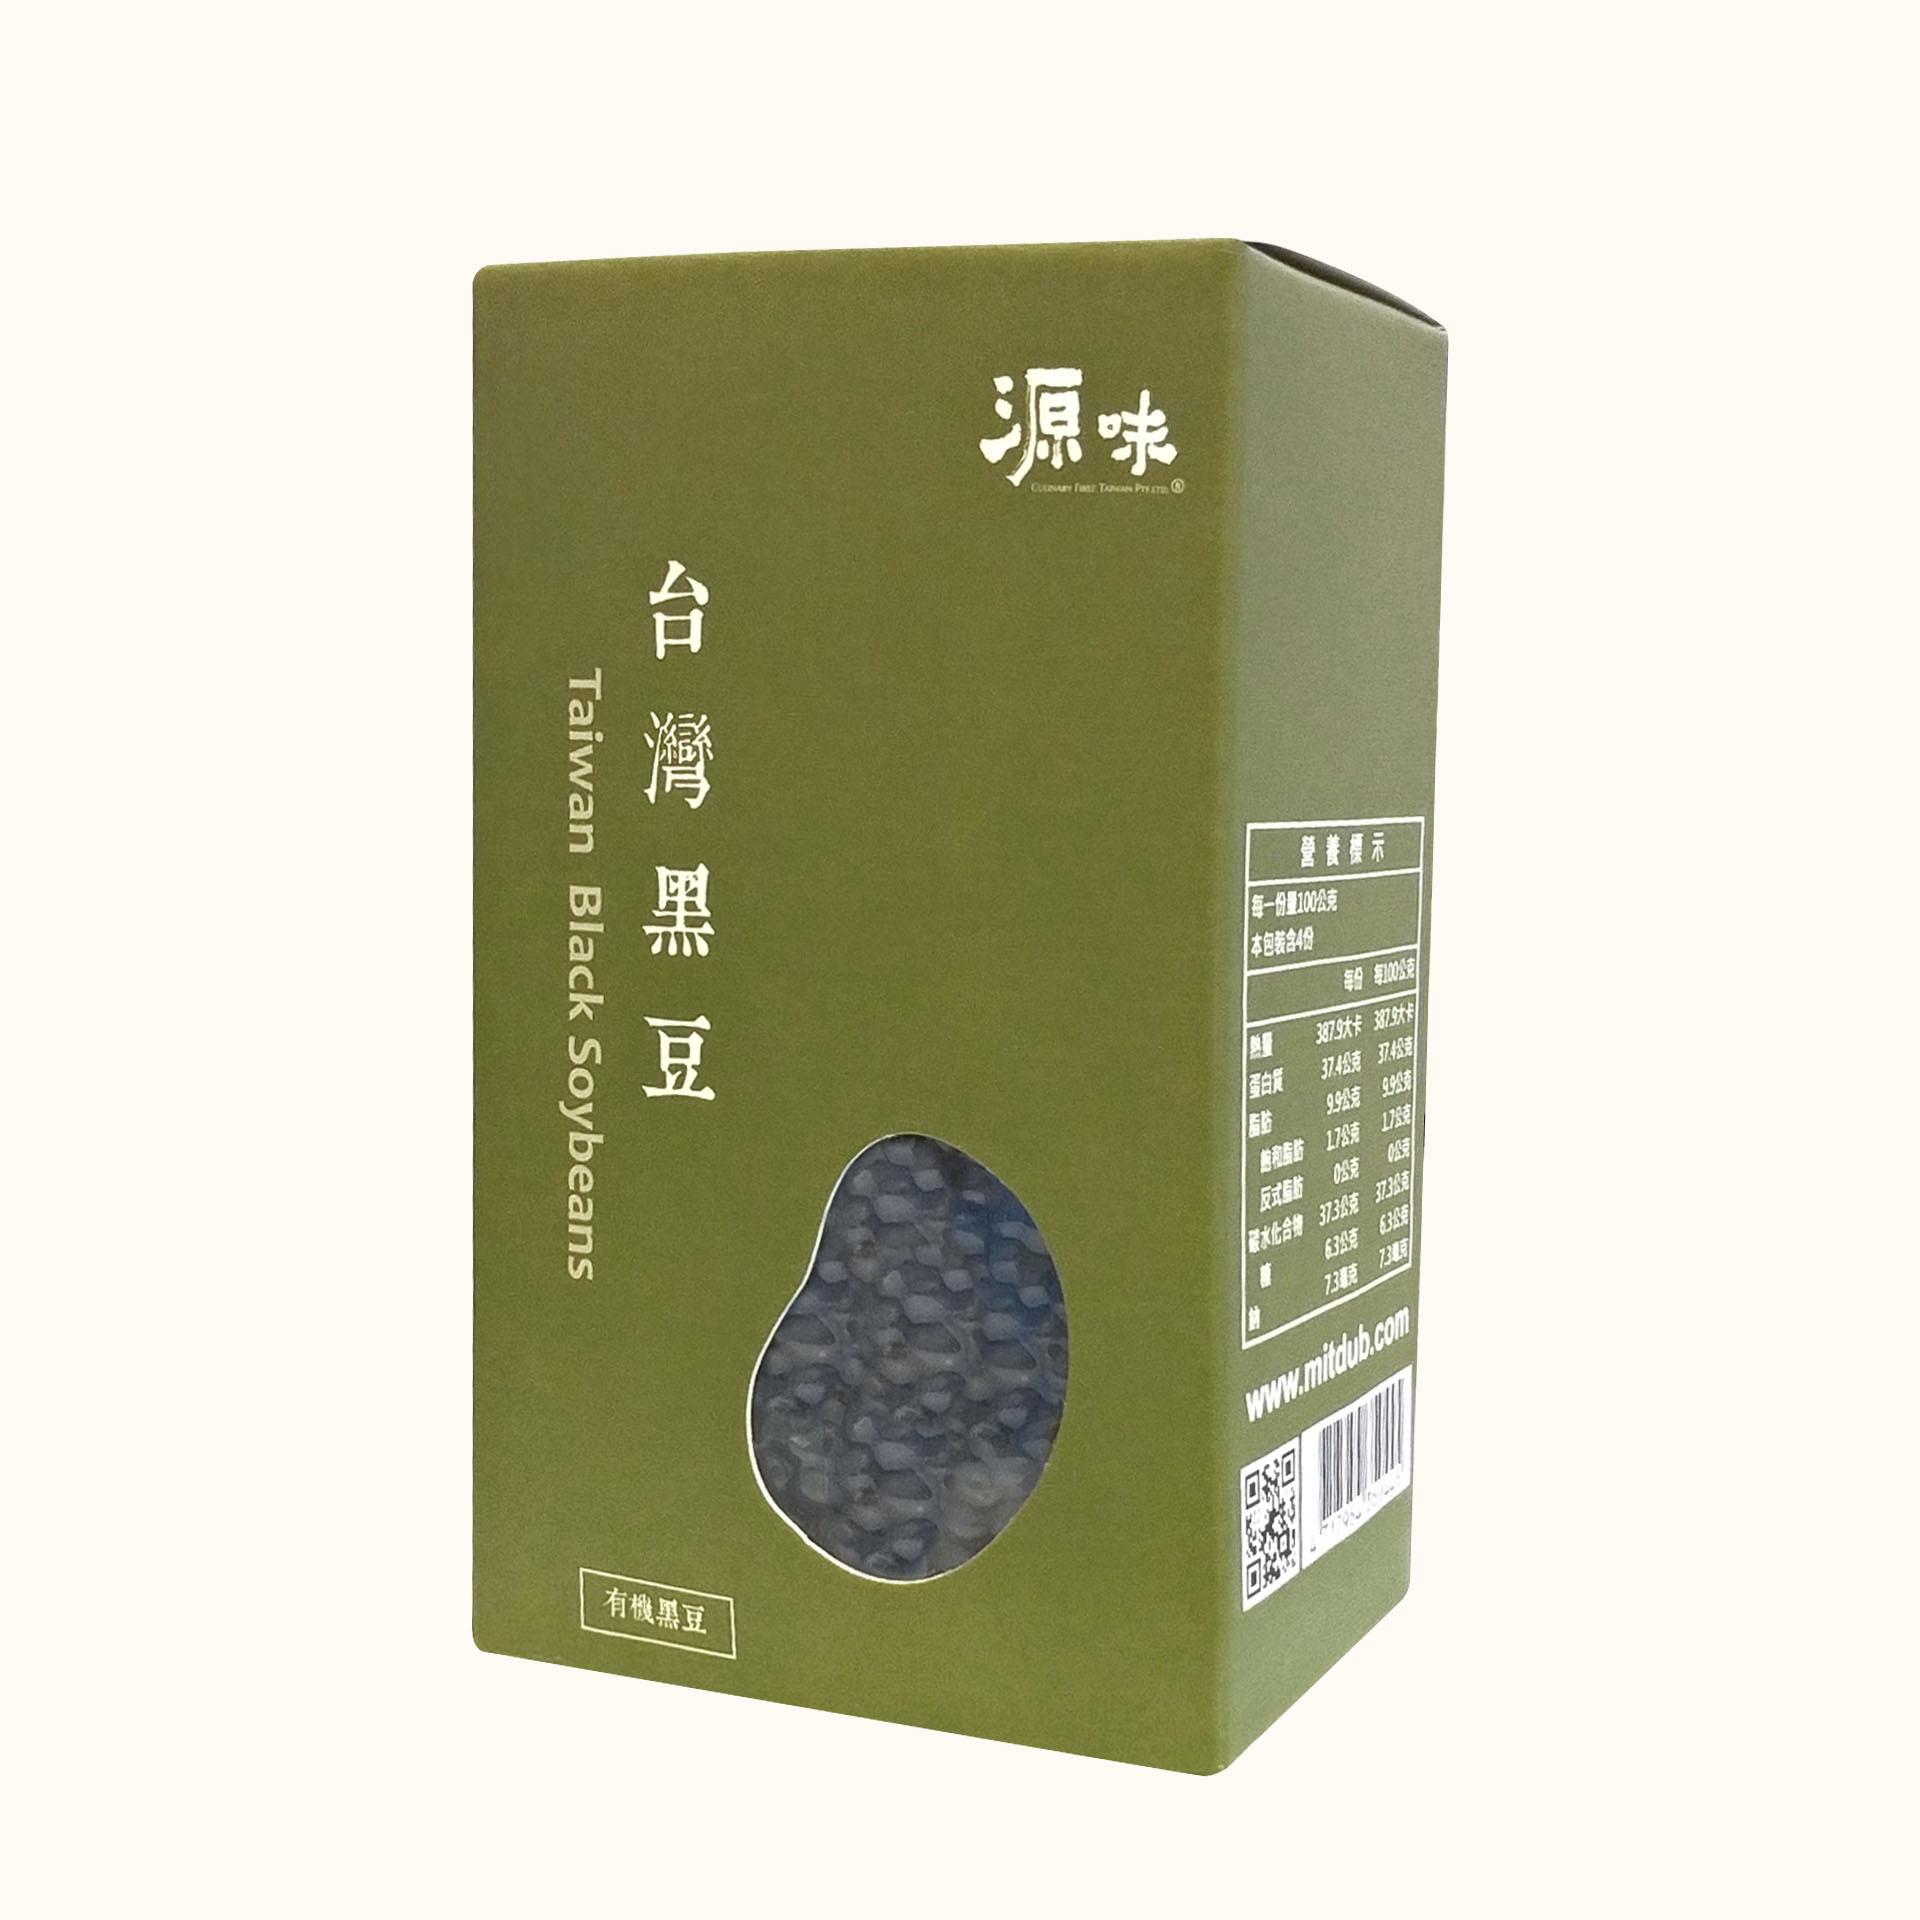 【短效品】有機黑豆400g (效期:20190910-20210309)